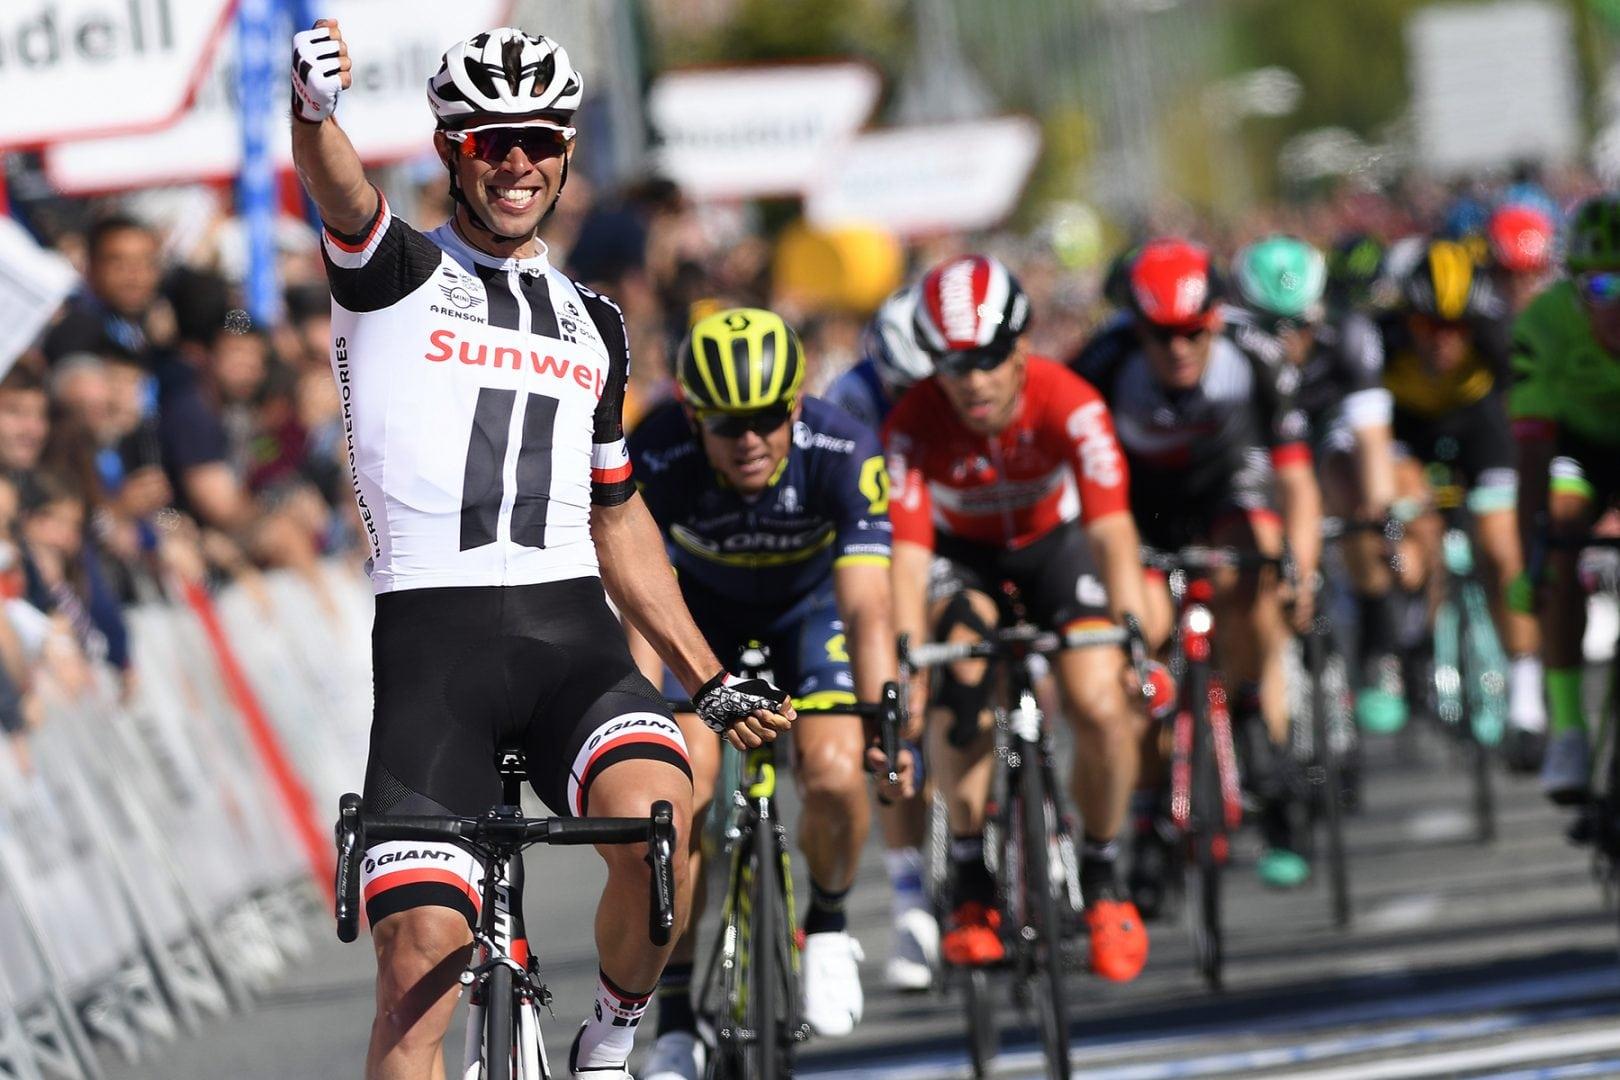 El australiano del Team Sunweb Michael Matthews durante una de sus victorias en el Tour de Francia.